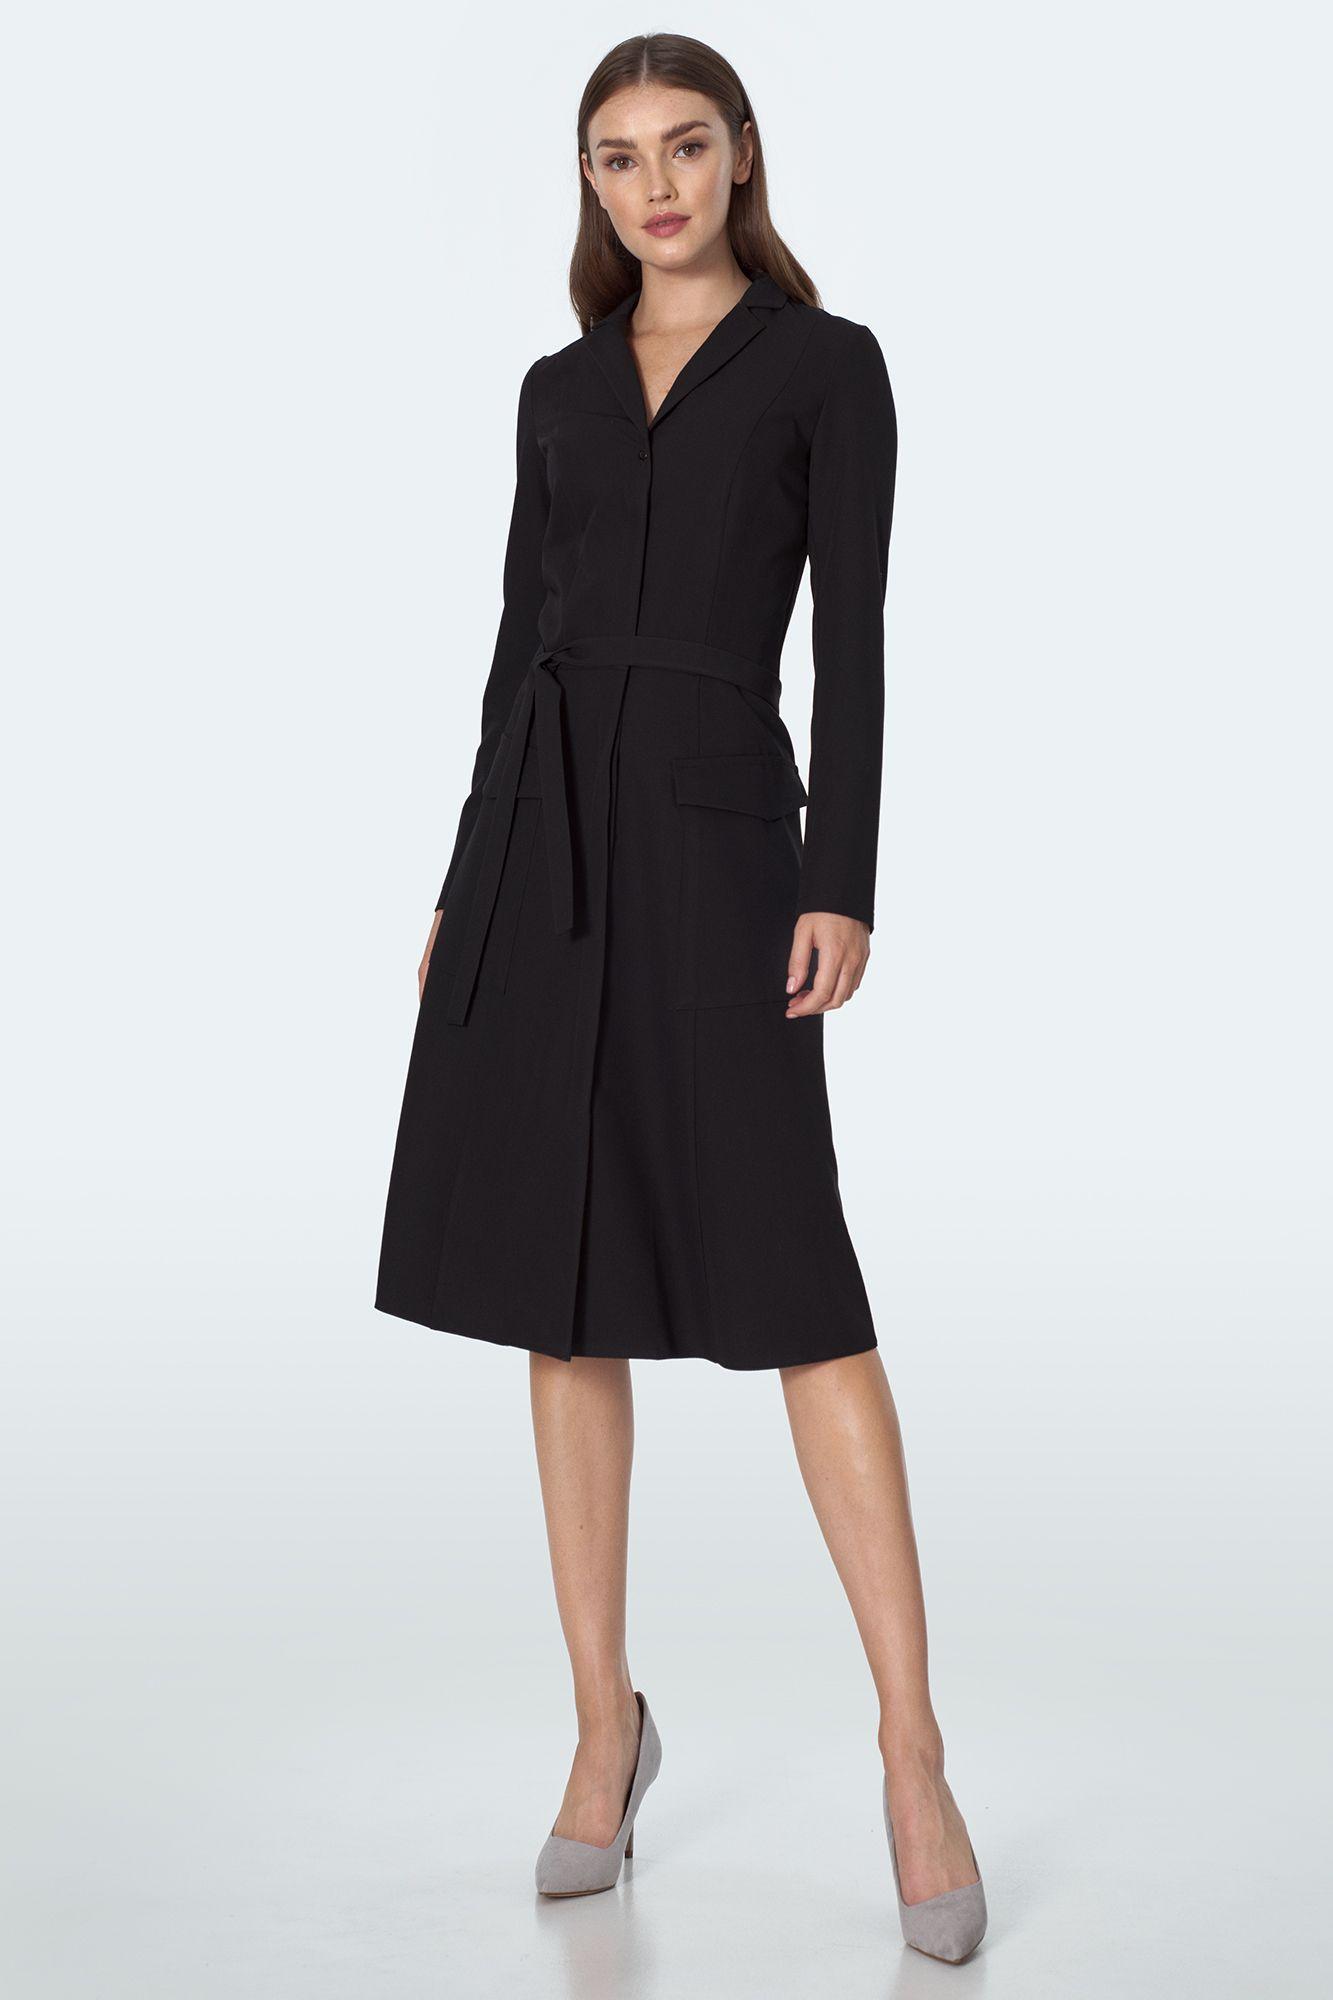 Black long-sleeved dress